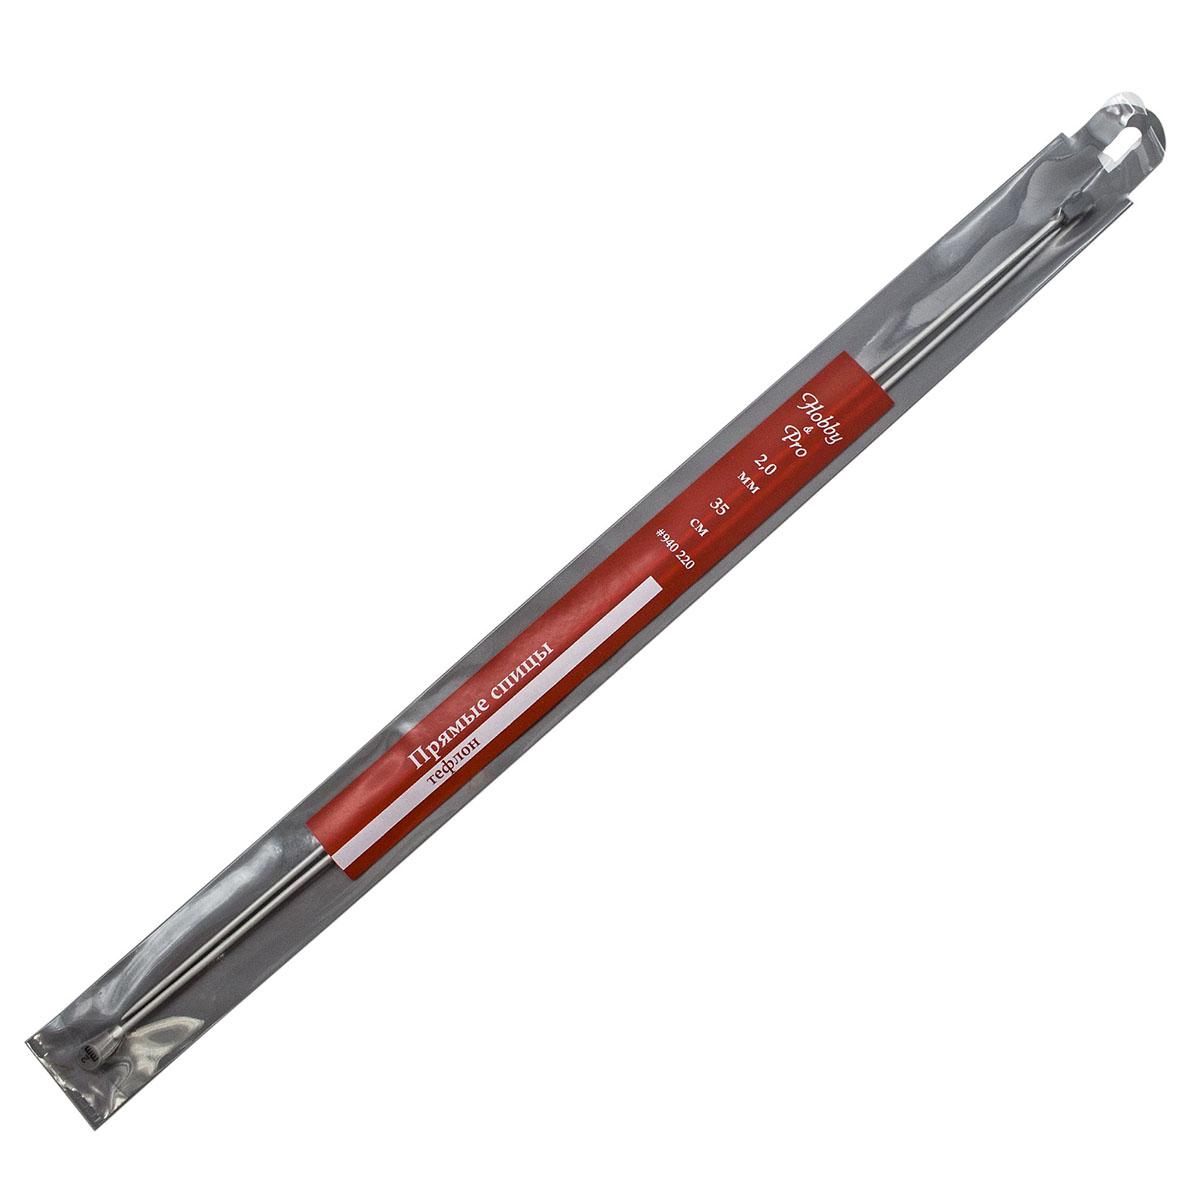 940220 Спицы прямые алюминиевые с покрытием 35см, 2,0мм Hobby&Pro